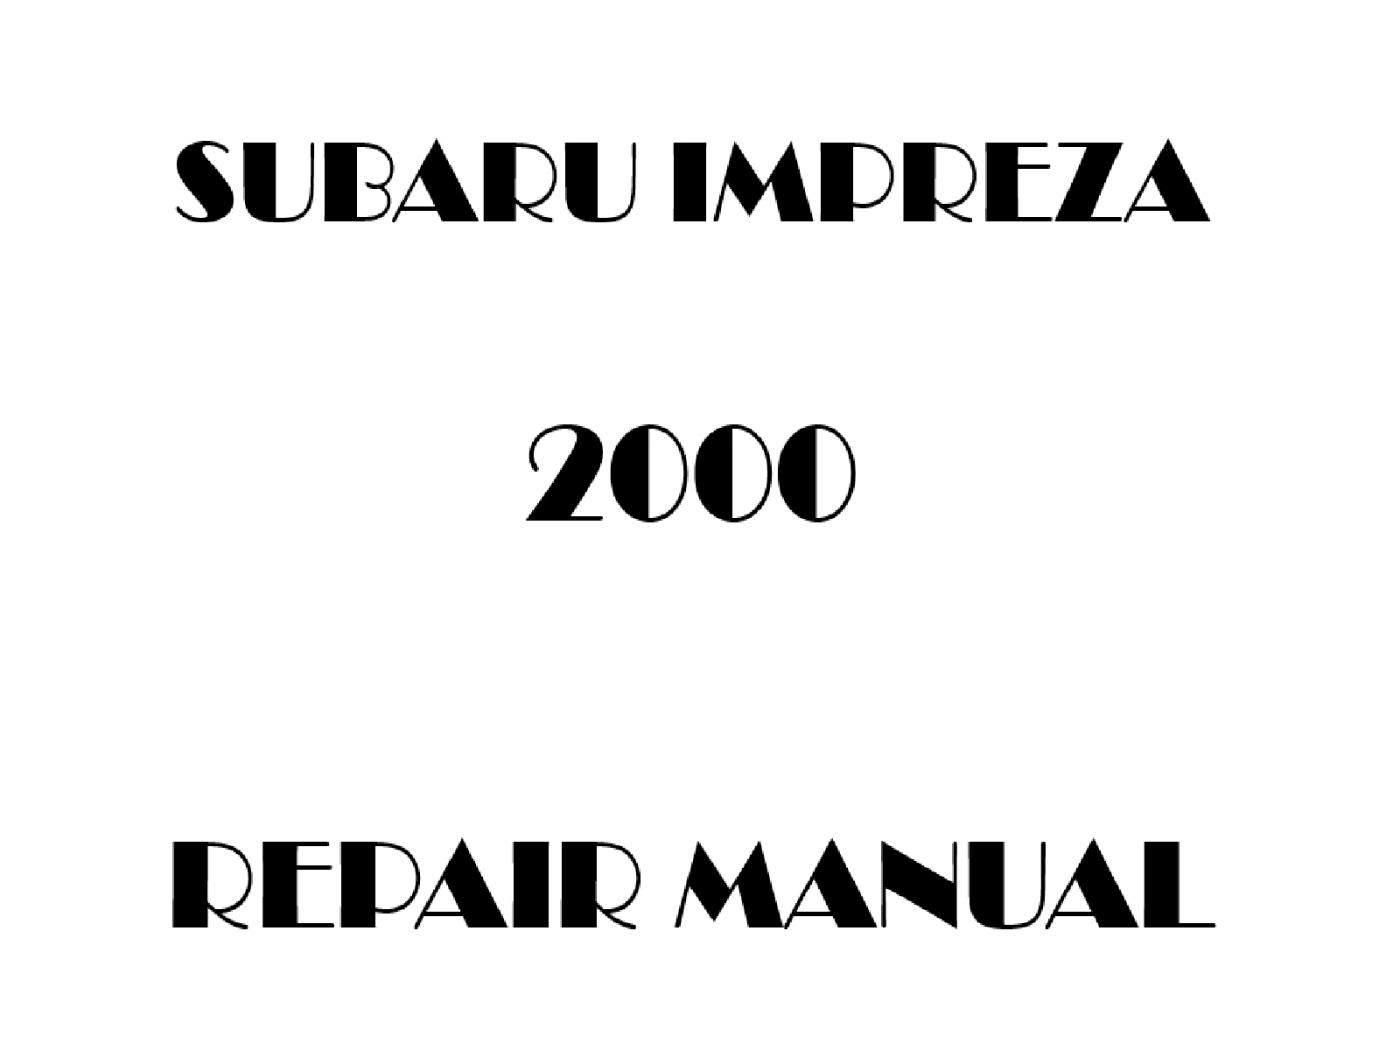 2000 Subaru Impreza repair manual